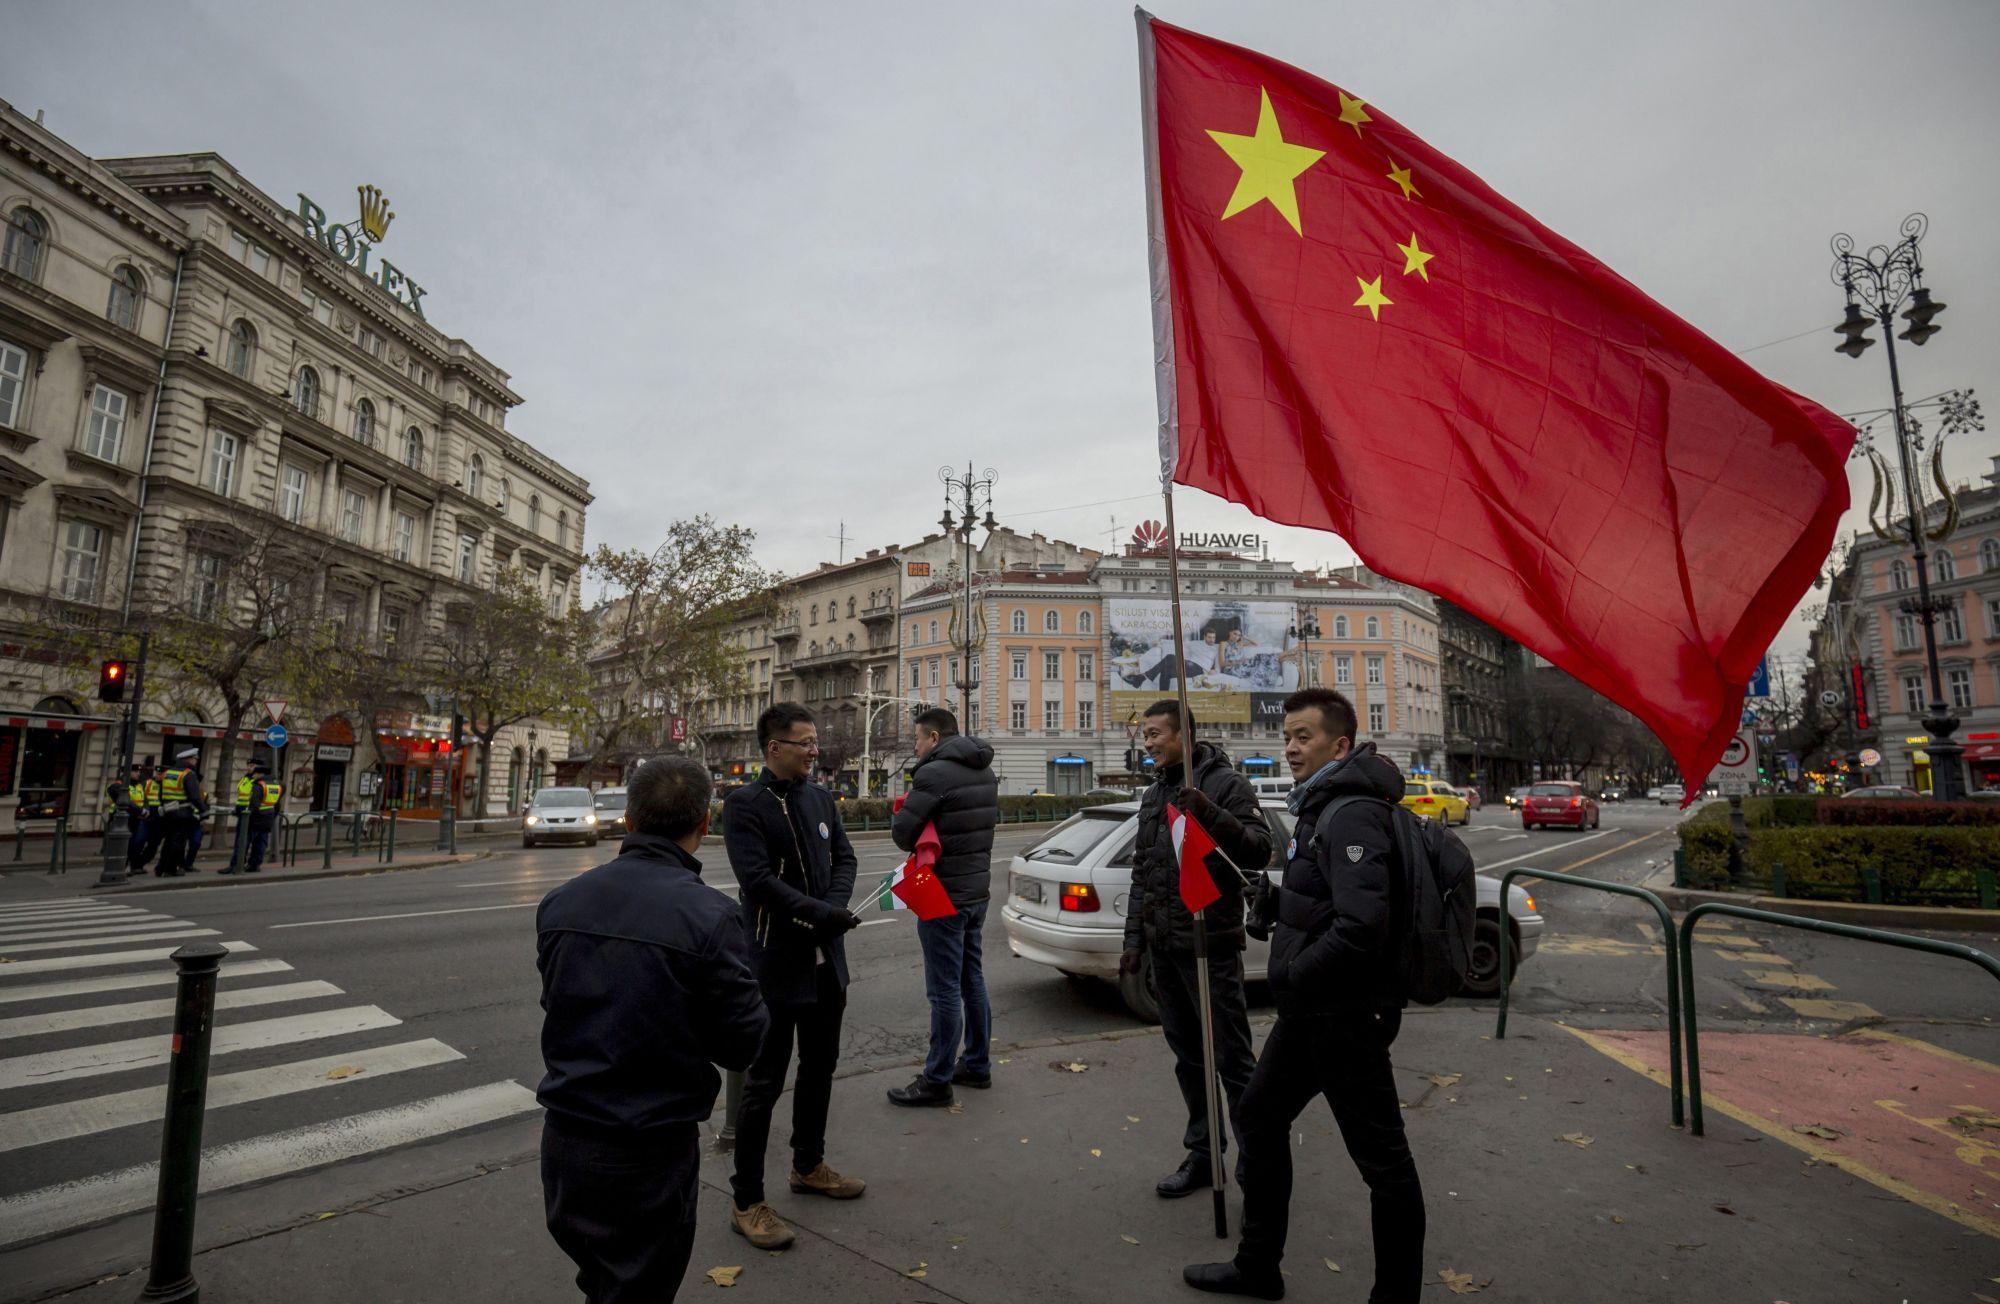 Rendőrök a József Attila utca és Bajcsy-Zsilinszky út sarkánál a kínai kormányfőt szállító gépkocsikonvoj érkezése előtt. Itt igazoltatták Hendrey Tibort.Fotó: Mohai Balázs/MTI/MTVA